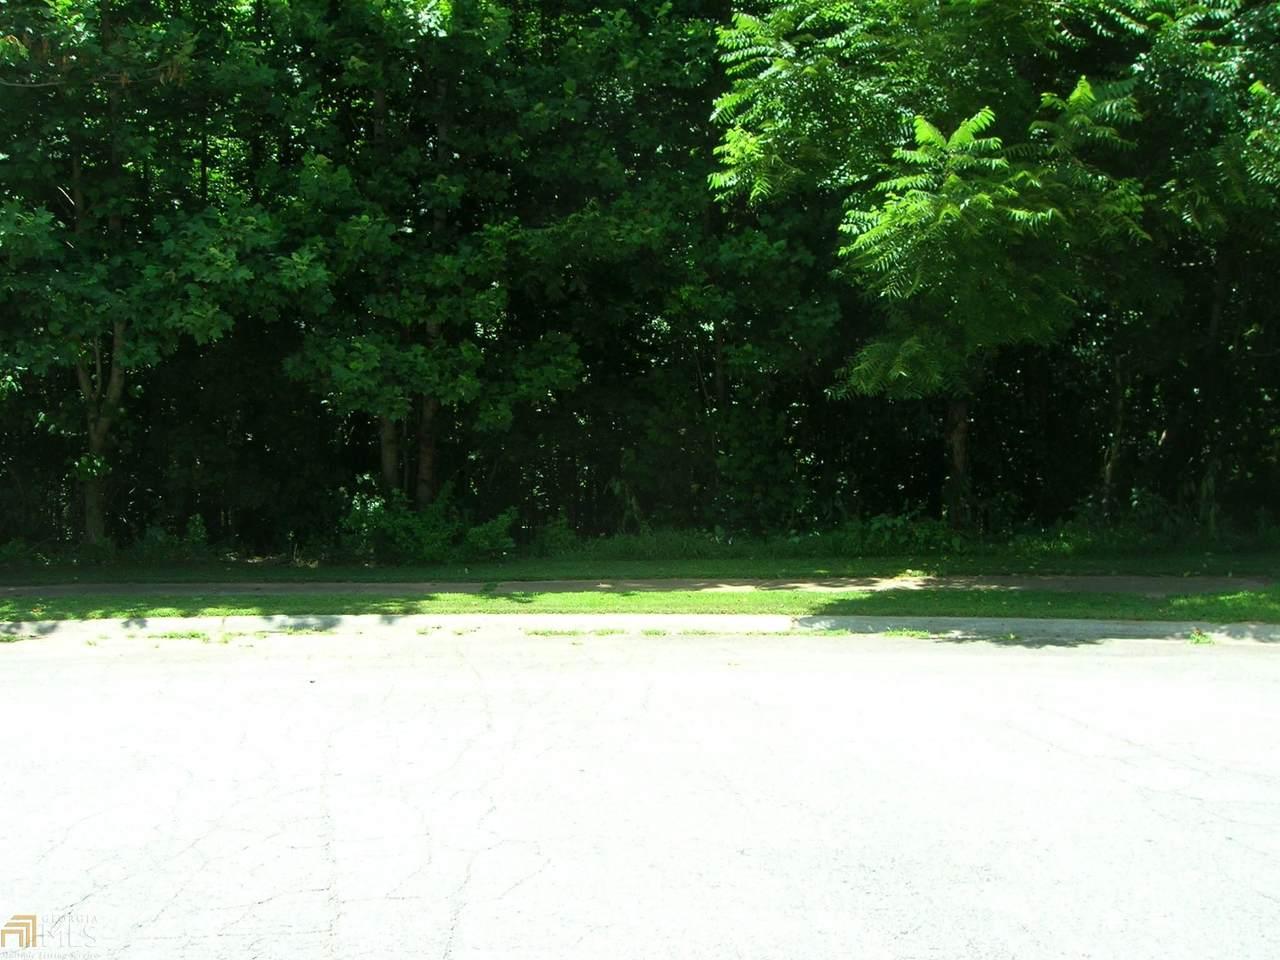 0 Garden Walk - Photo 1